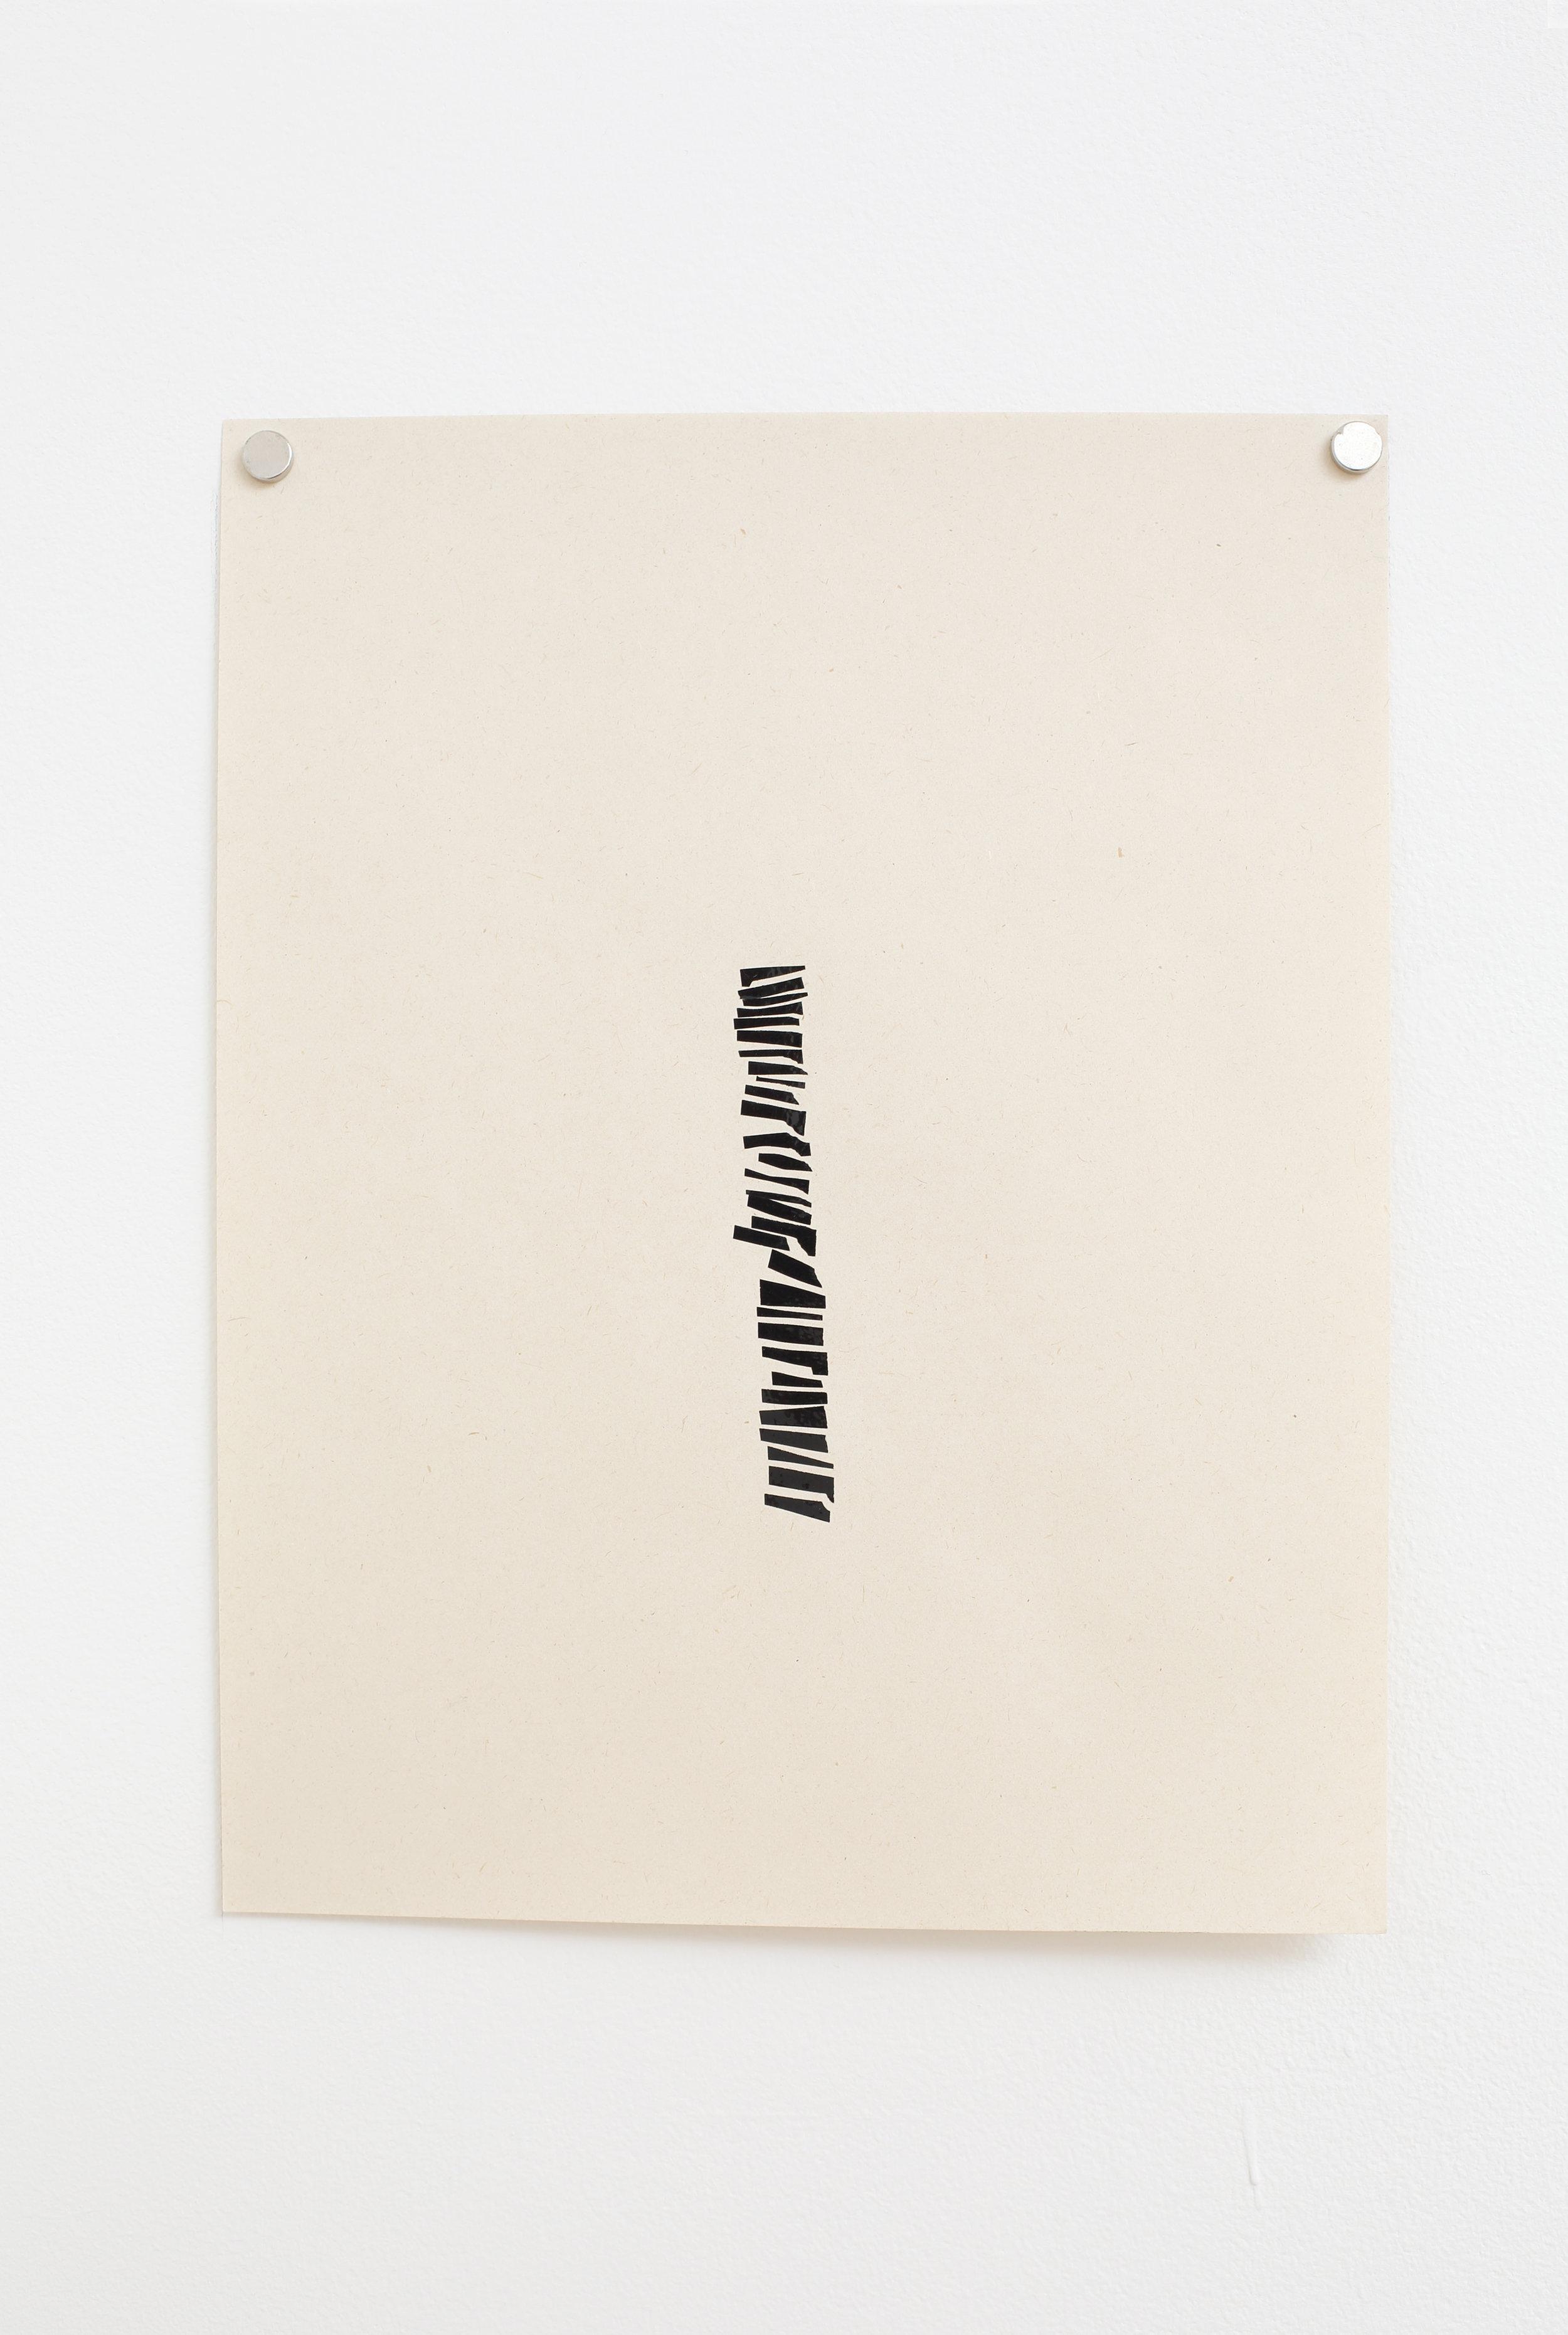 Manuela Garcia ,  Rhythm 4 , 2017, tape on paper